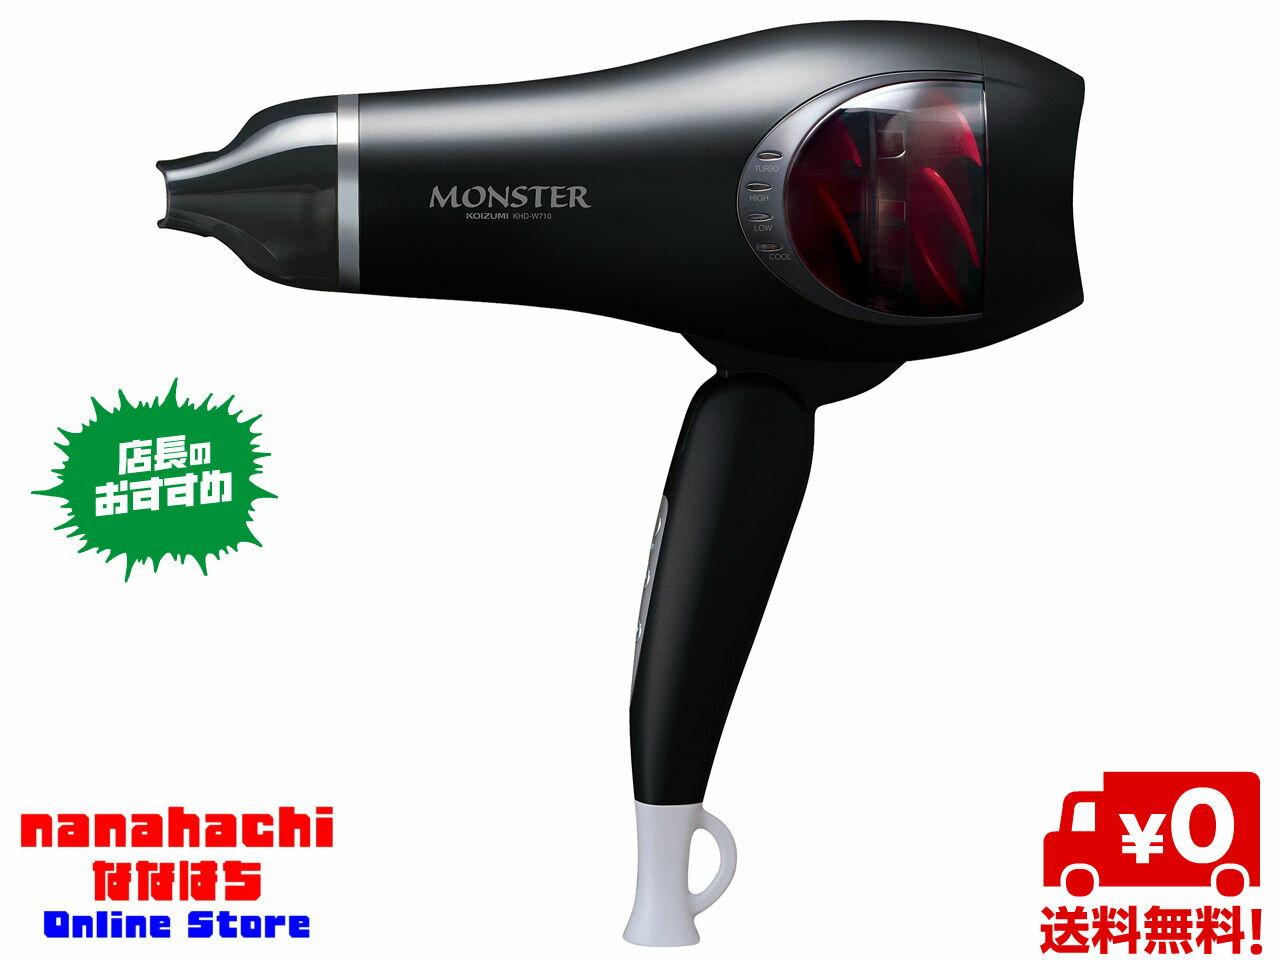 ドライヤー 大風量 コイズミ モンスター KHD-W710 KOIZUMI モンスター KHD-W710/K [ブラック] ダブルファンドライヤーダブルファンによる驚くほどの大風量でより速く、より美しく、髪をブローする「MONSTER(モンスター)」【送料無料・一部地域を除く】